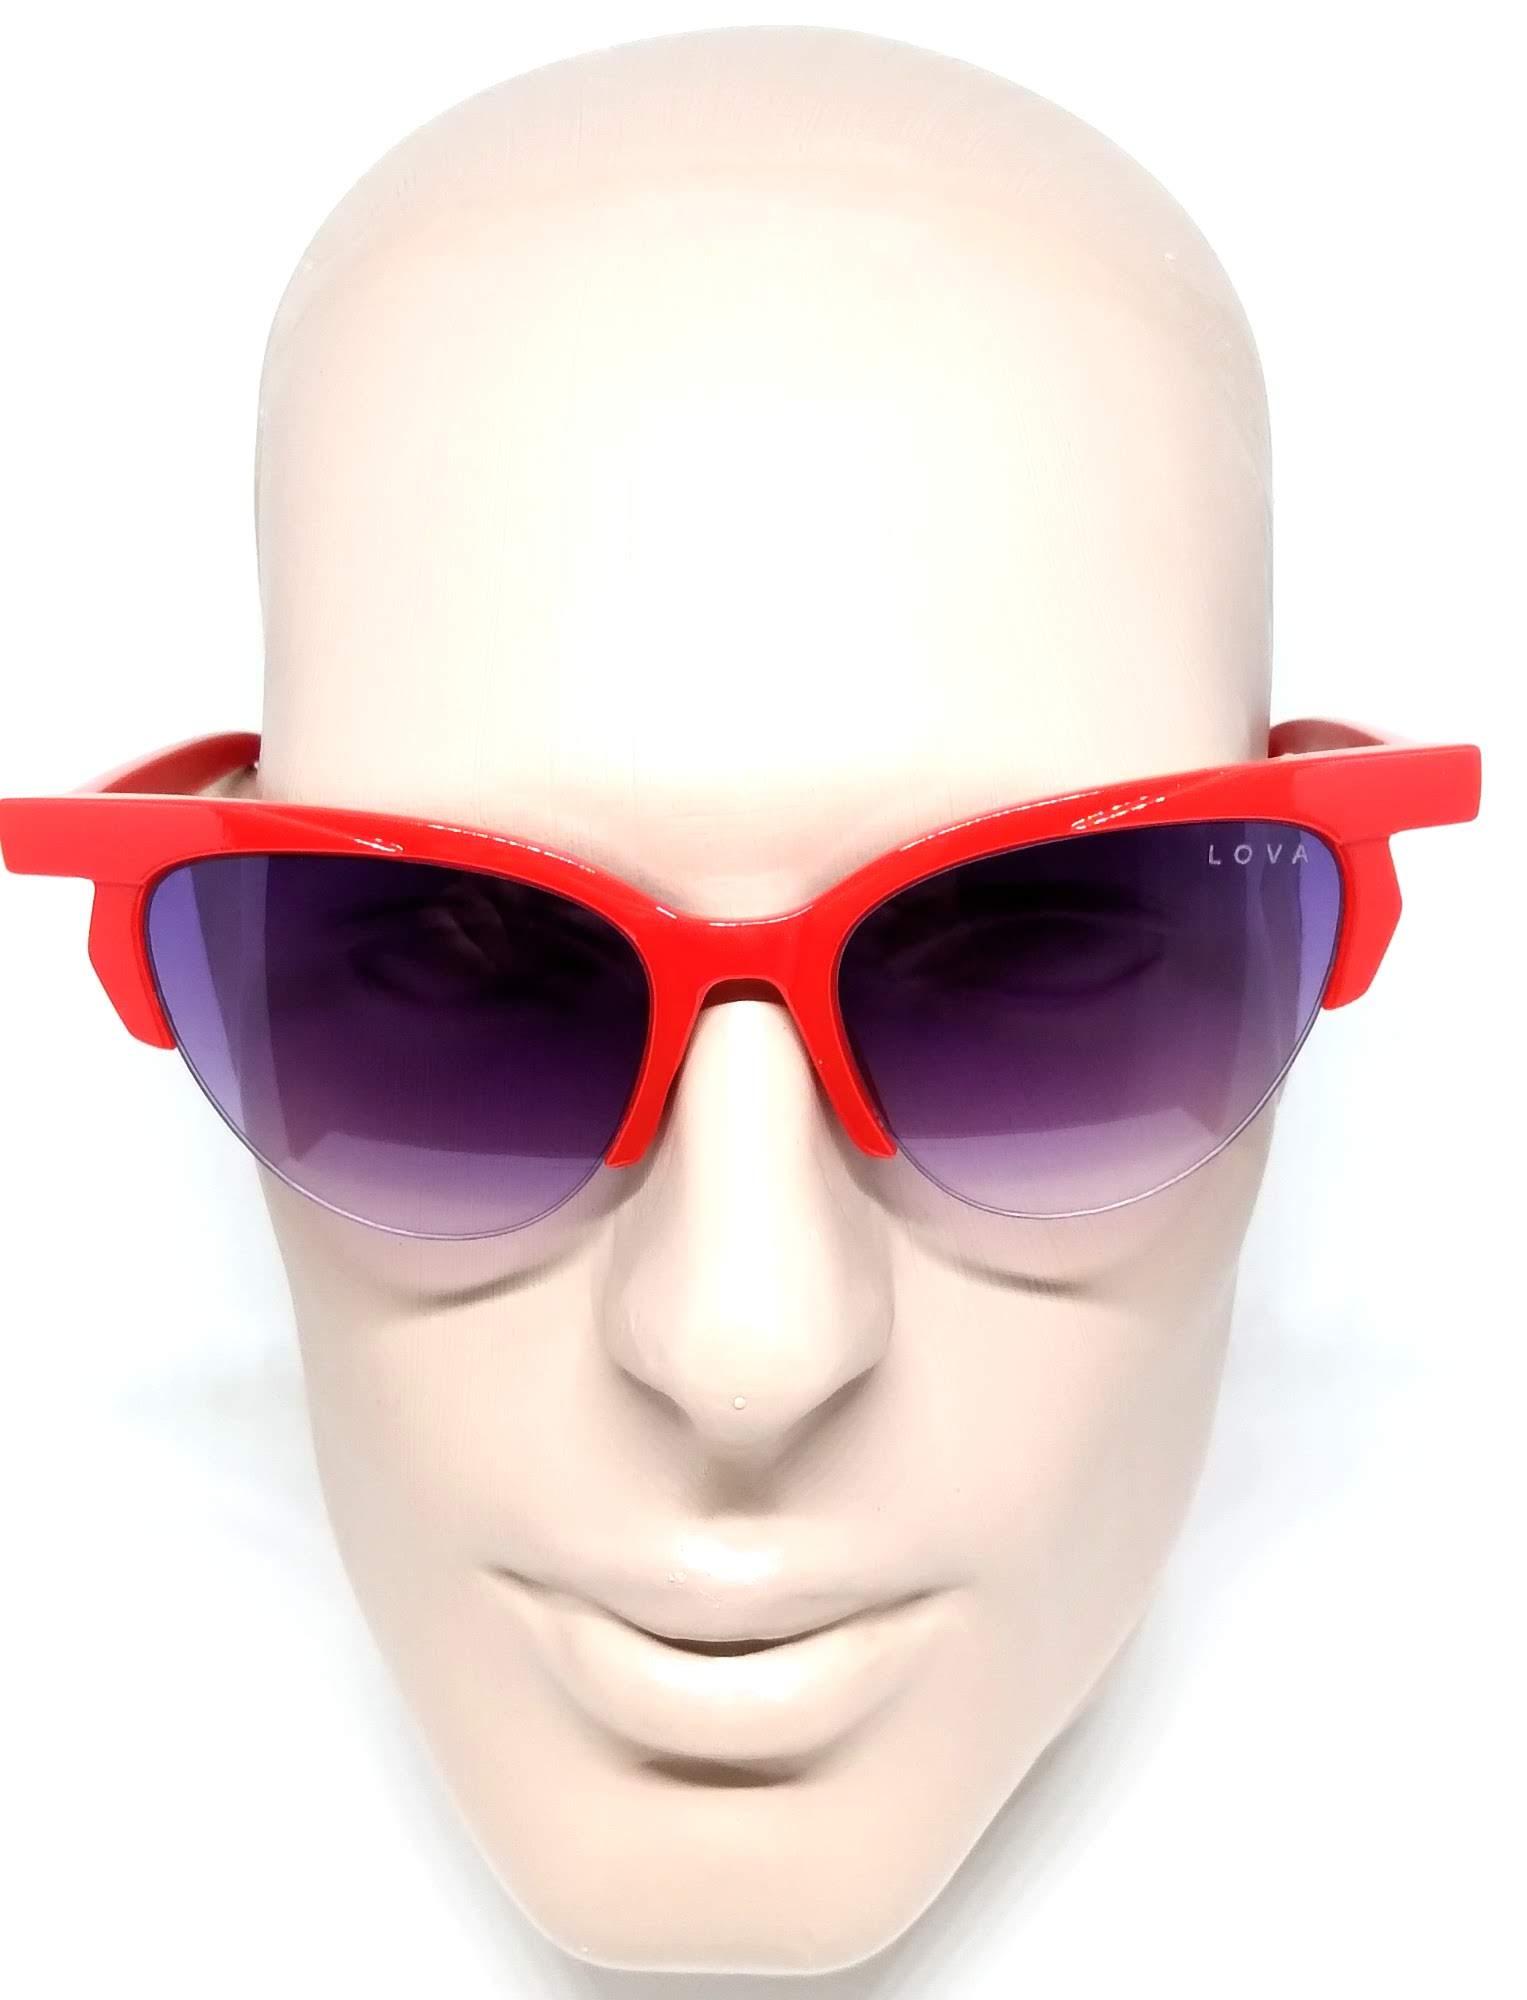 Óculos Feminino De Sol Blogstar Lova Vermelho Lentes Degradê